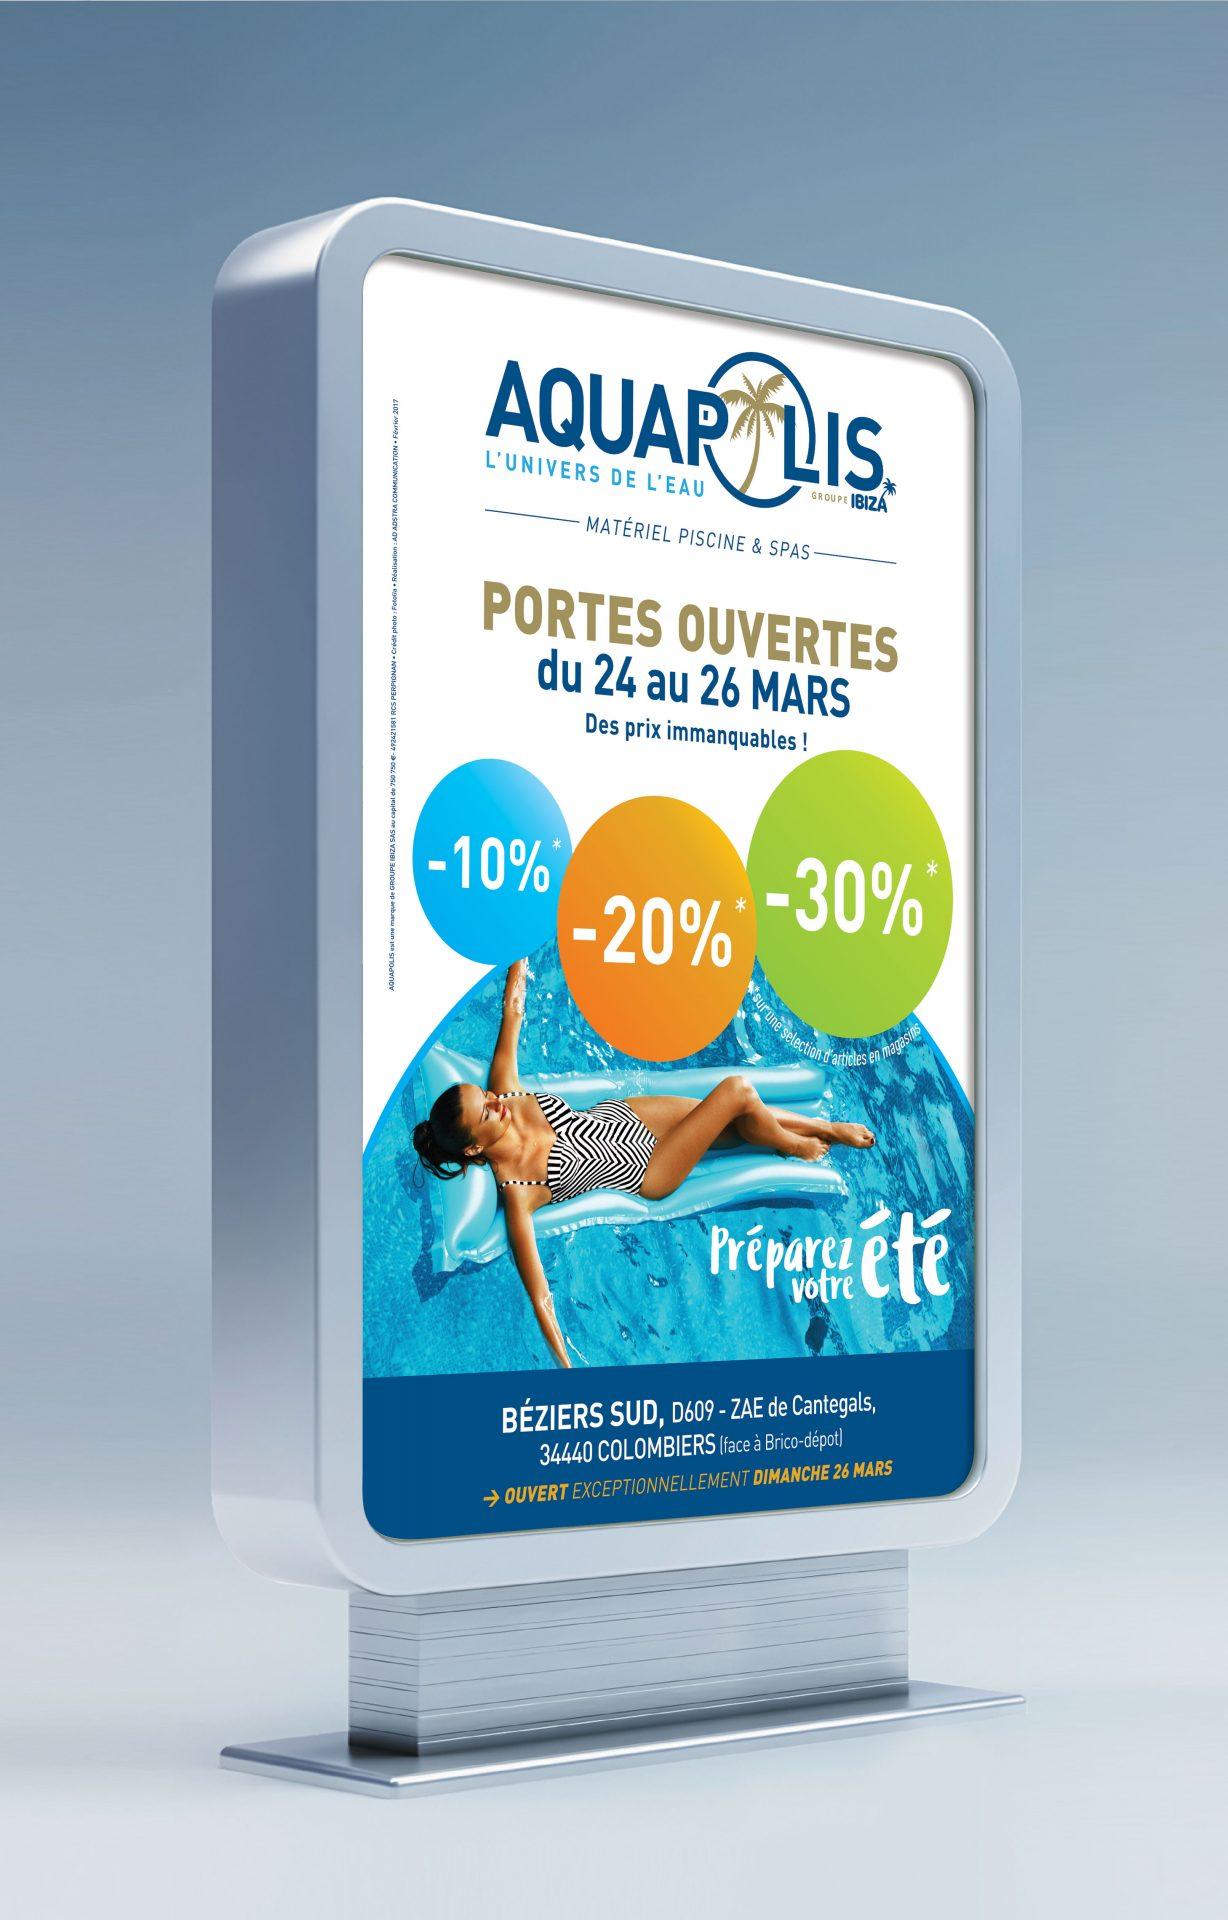 image-aquapolis-PO_01.jpg